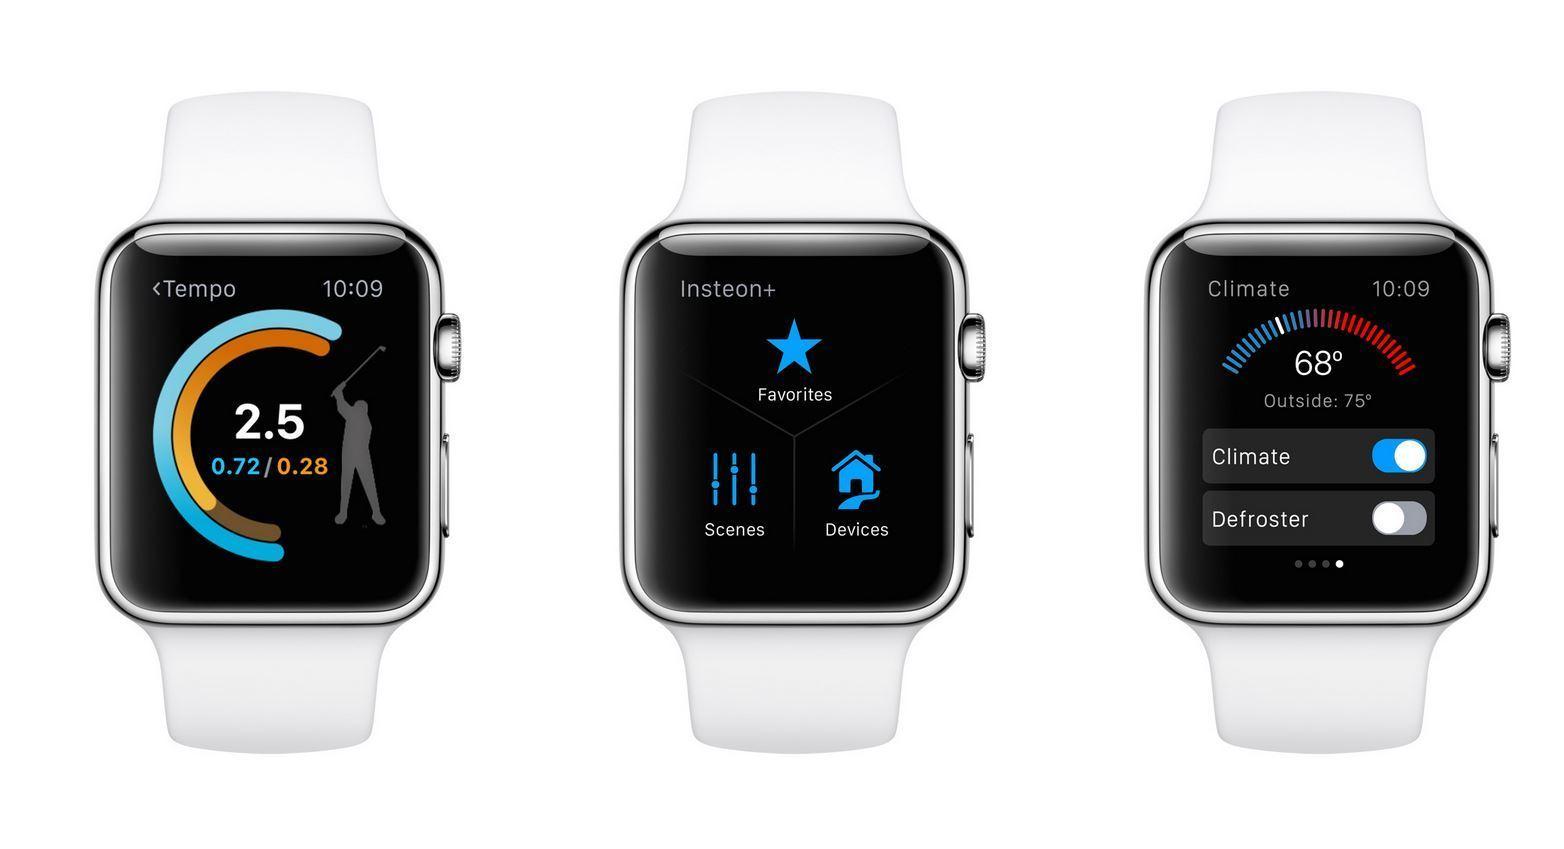 Apple Watch con watchOS 2: lo sviluppo corre veloce come ...